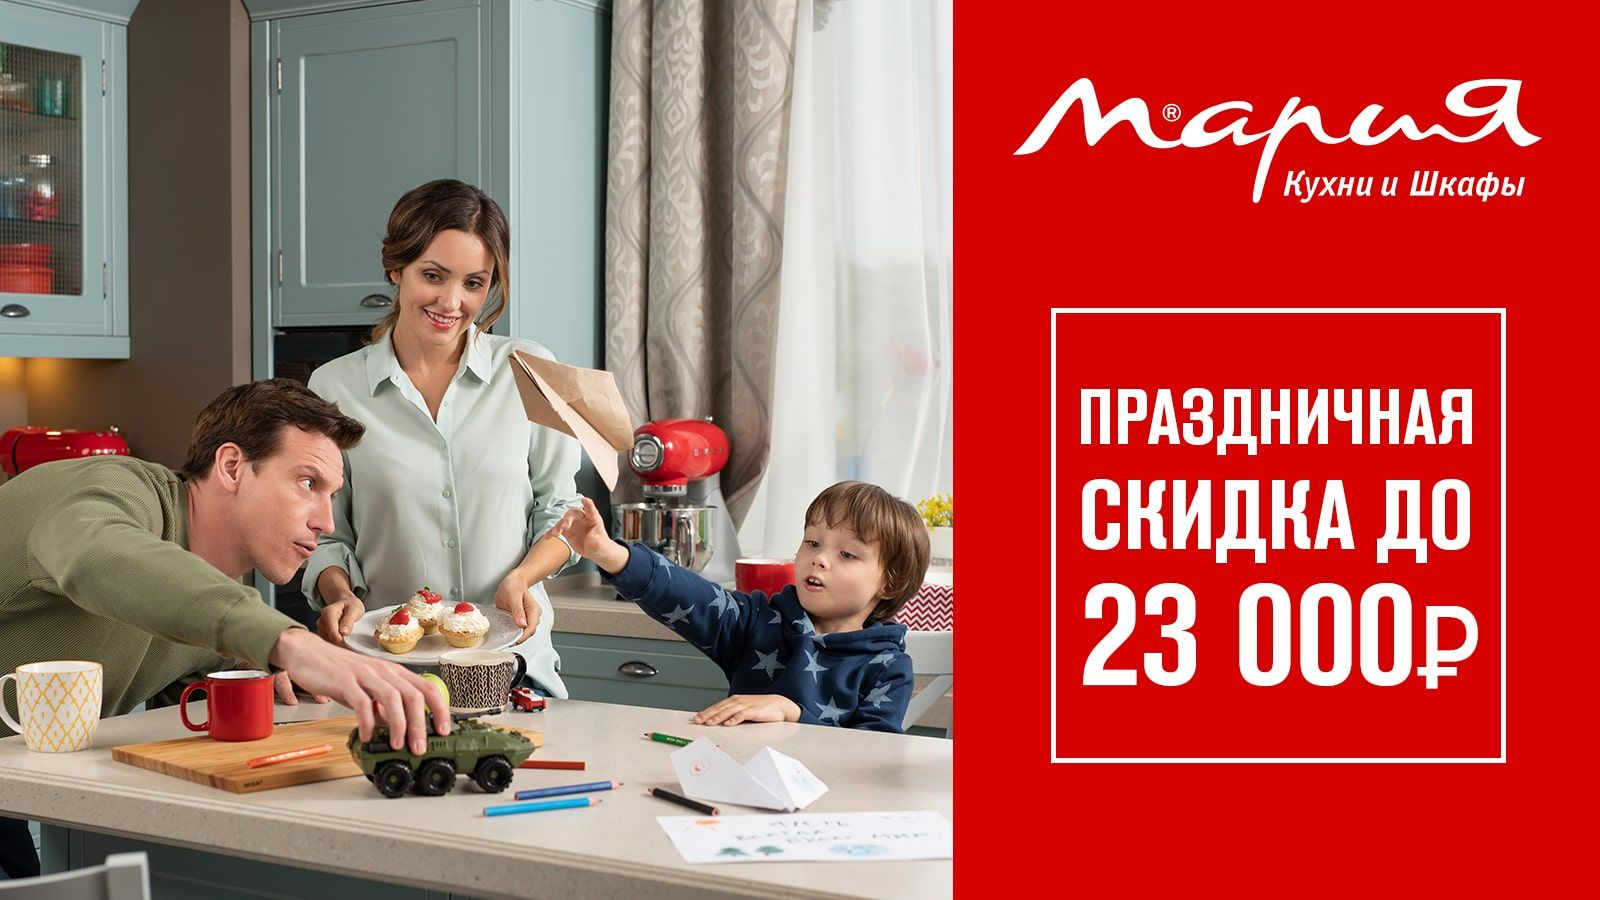 Подарки и скидки к 23 февраля для всех при покупке кухни «Мария»!